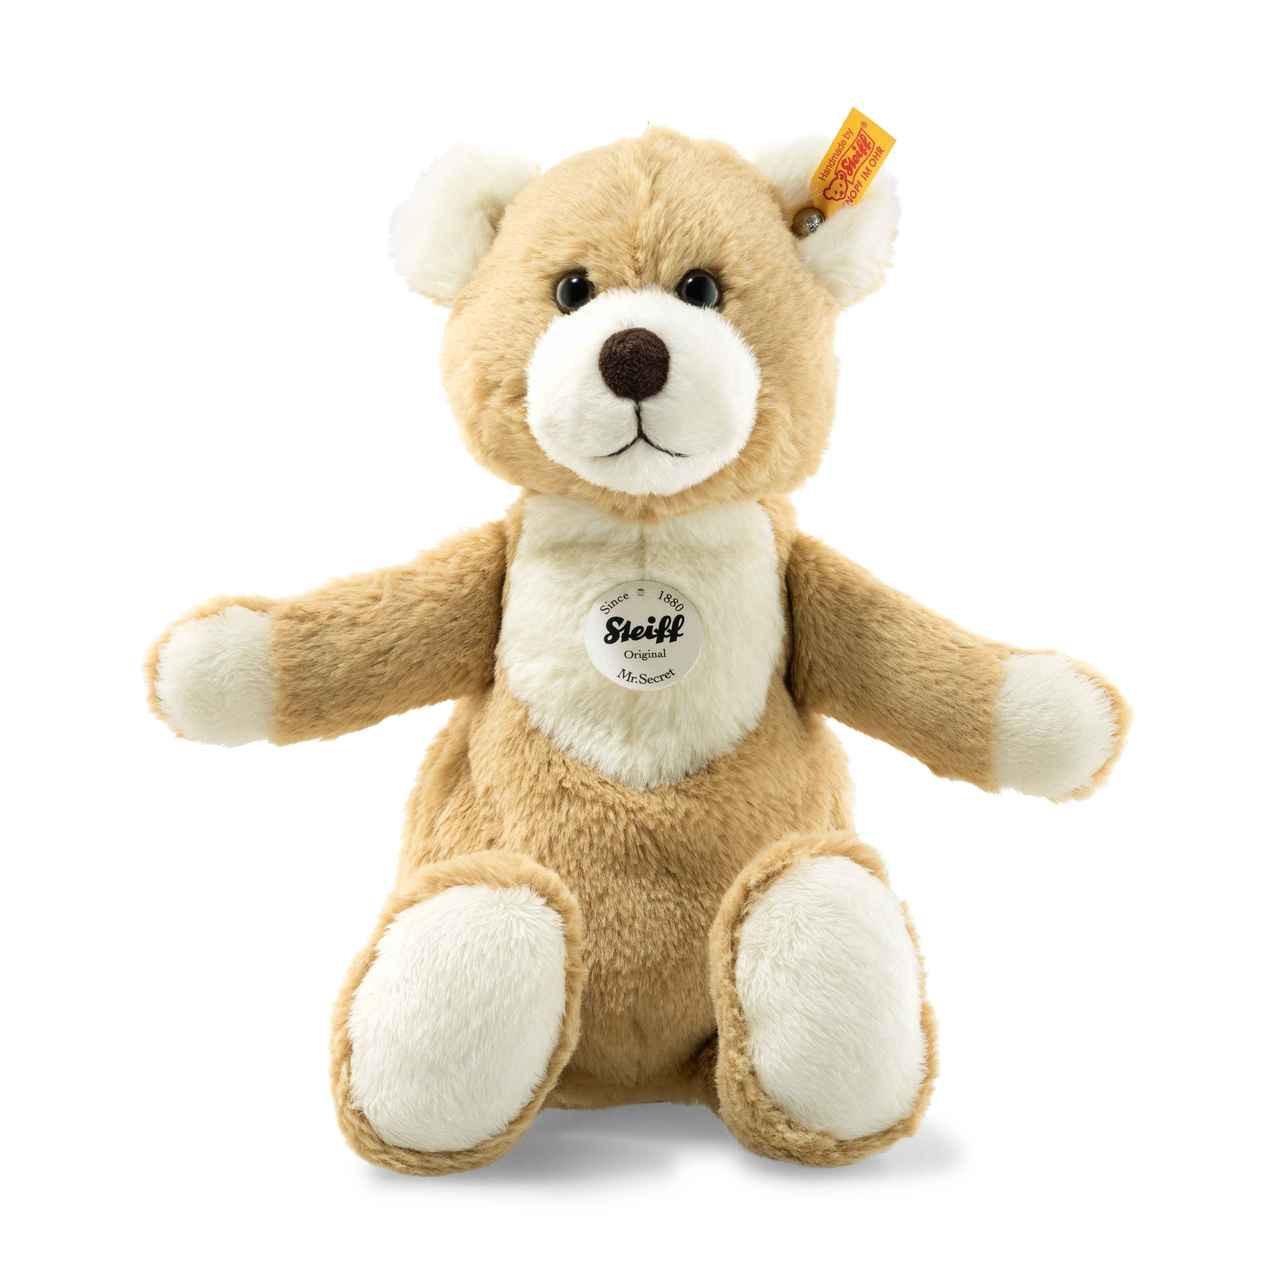 Spielzeug 28 Beige My Bearly Teddyb Plüschtiere & -figuren